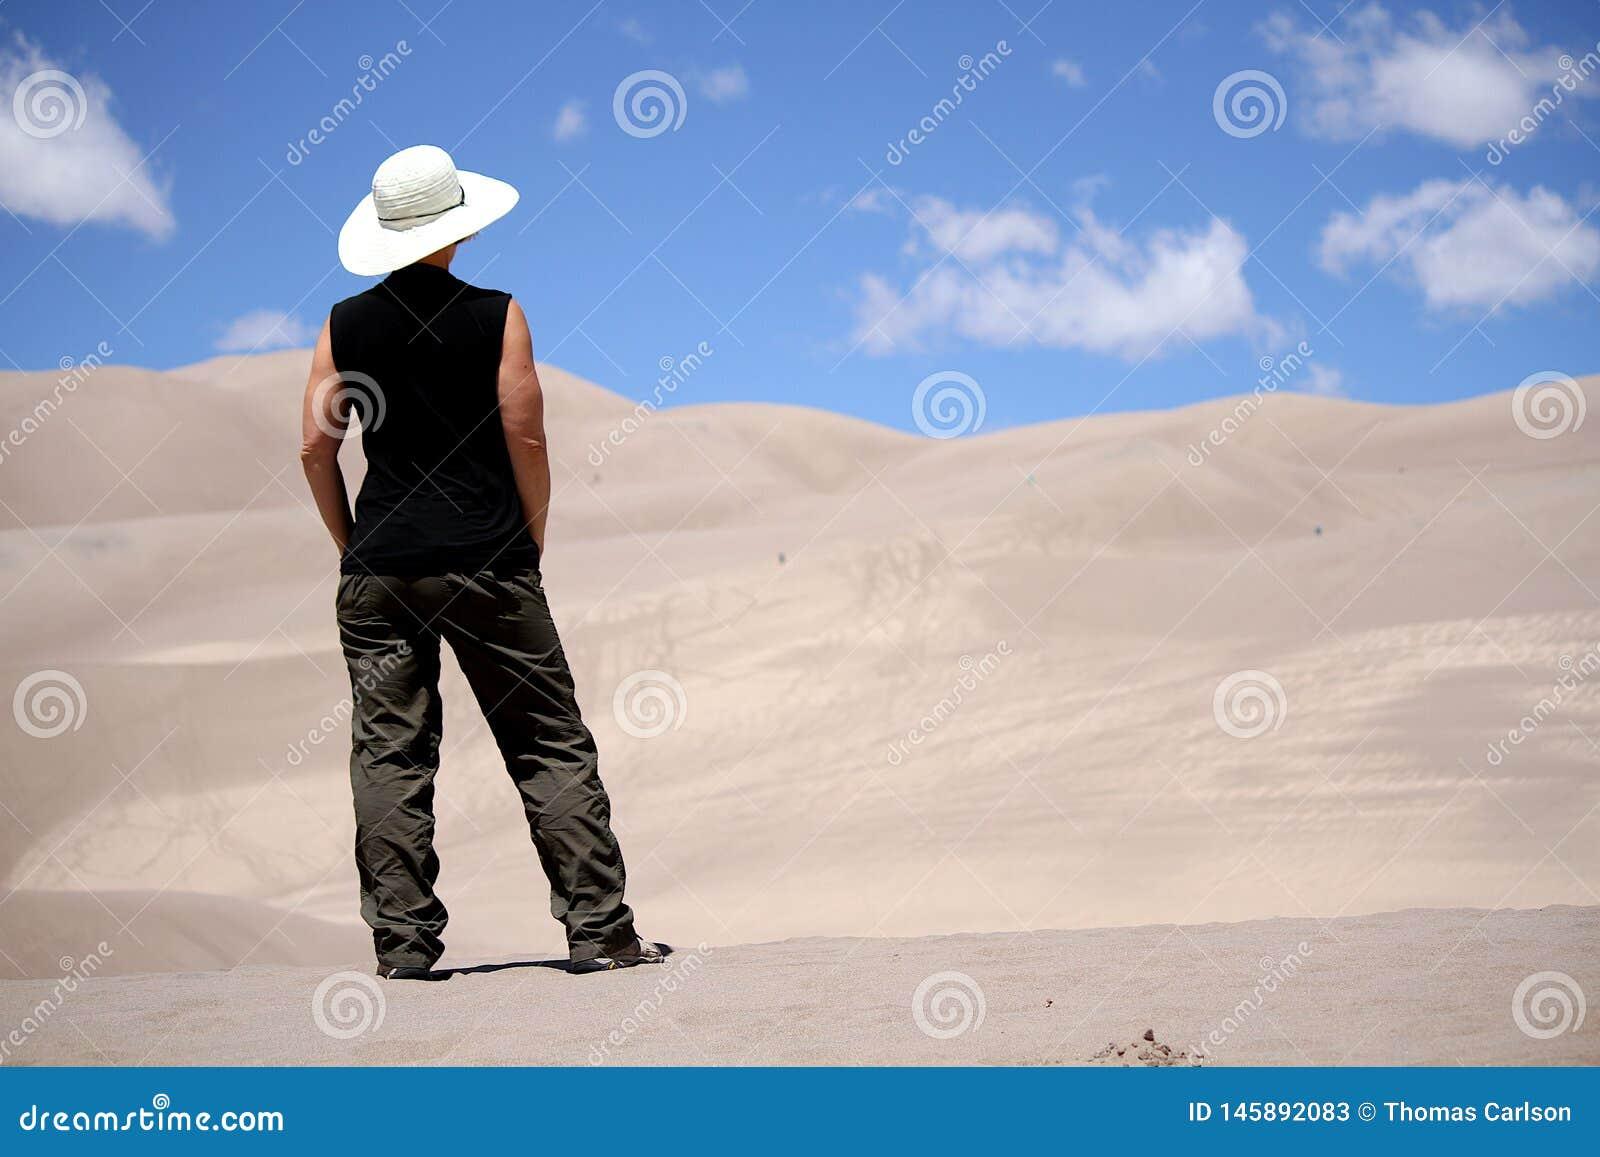 Posição da mulher em dunas de areia do deserto